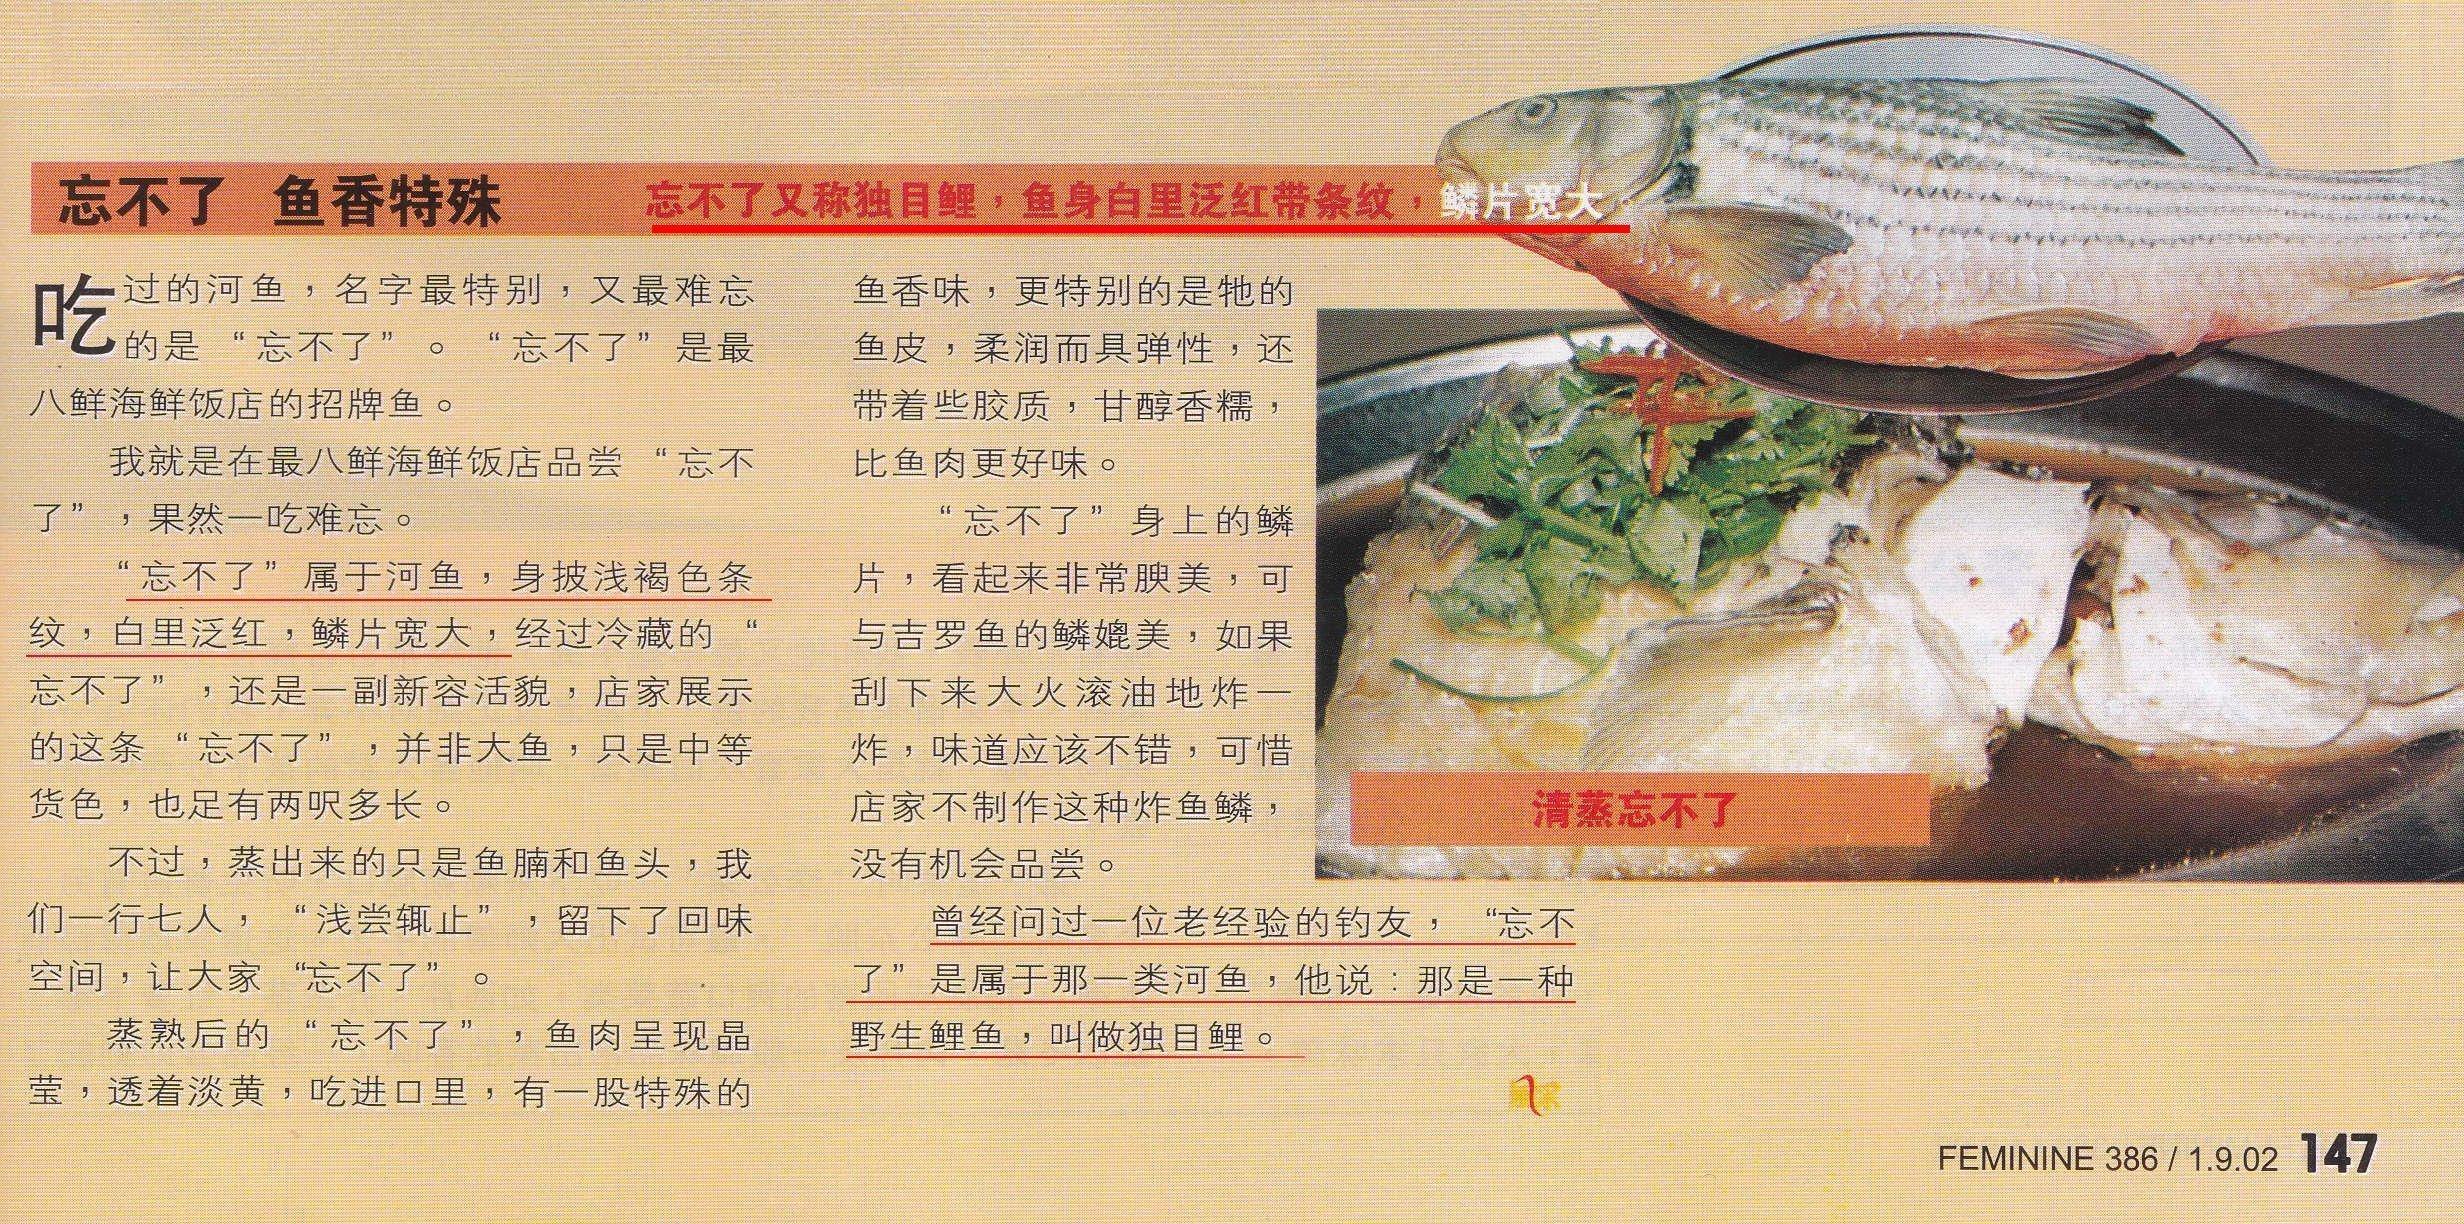 马来西亚美食家鼻祖-误导鱼类